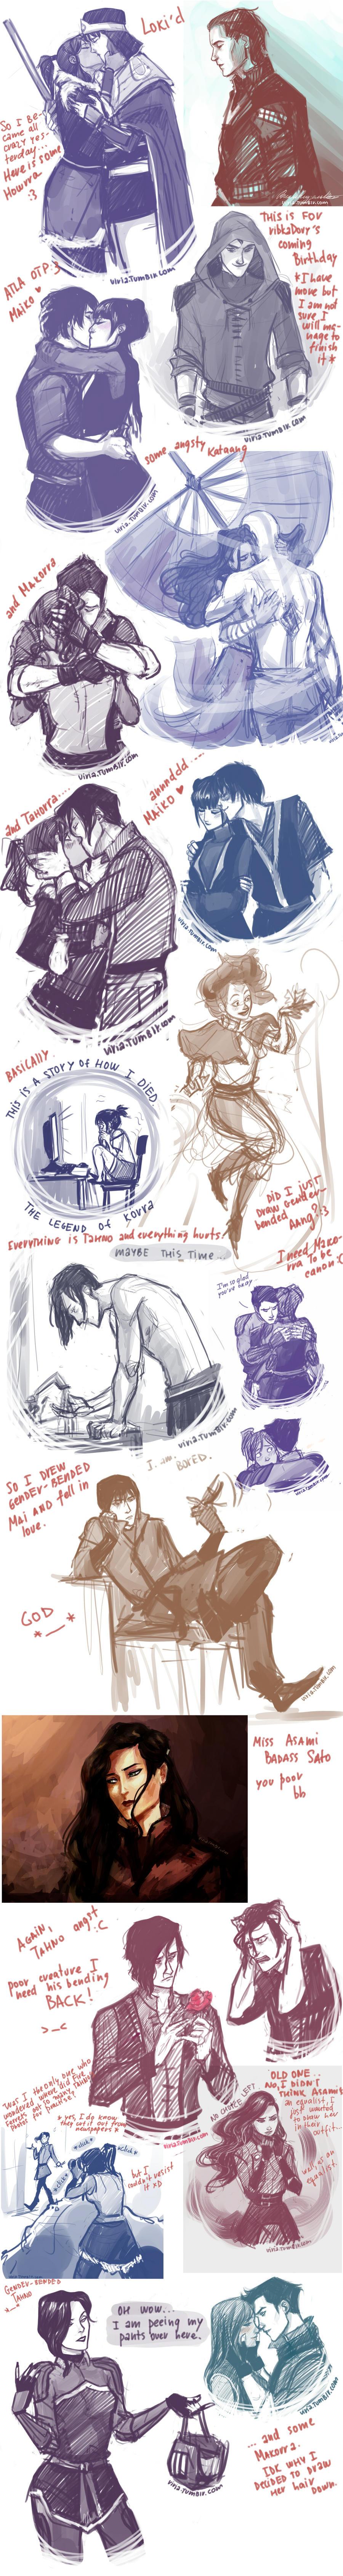 tumblr dump by viria13